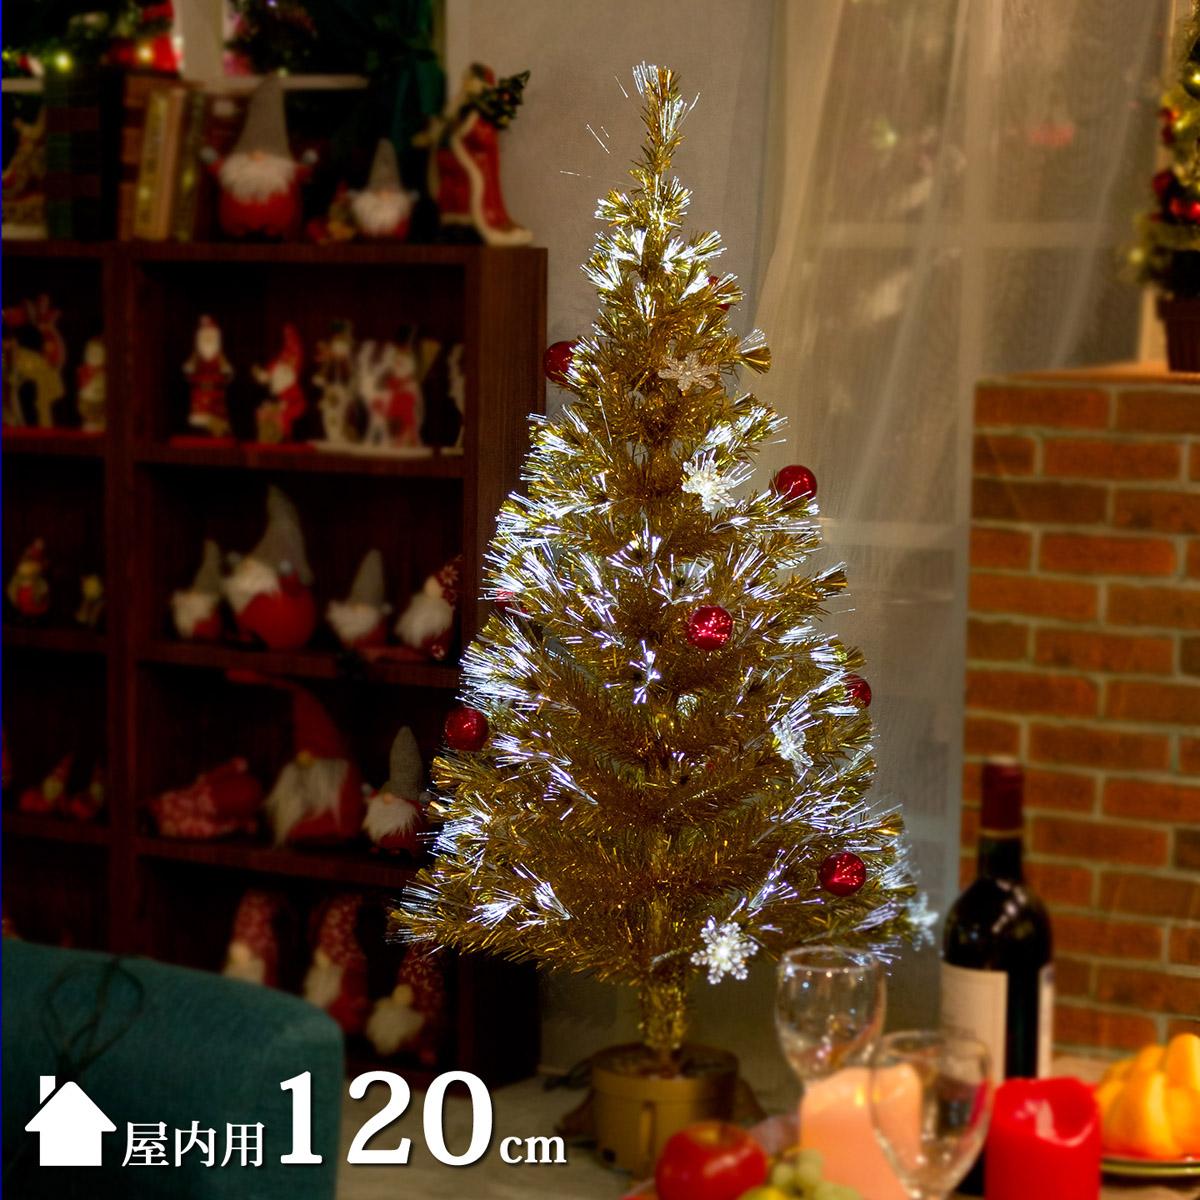 ファイバーツリー 120cm クリスマスツリー 金色 スピニングツリー ゴールド ポット 北欧 おしゃれ